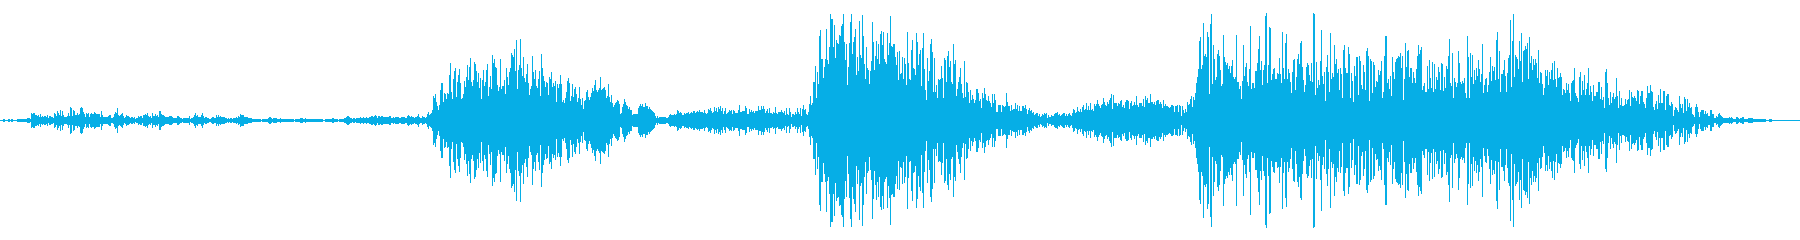 フライング ドラゴン モンスター 登場時の再生済みの波形